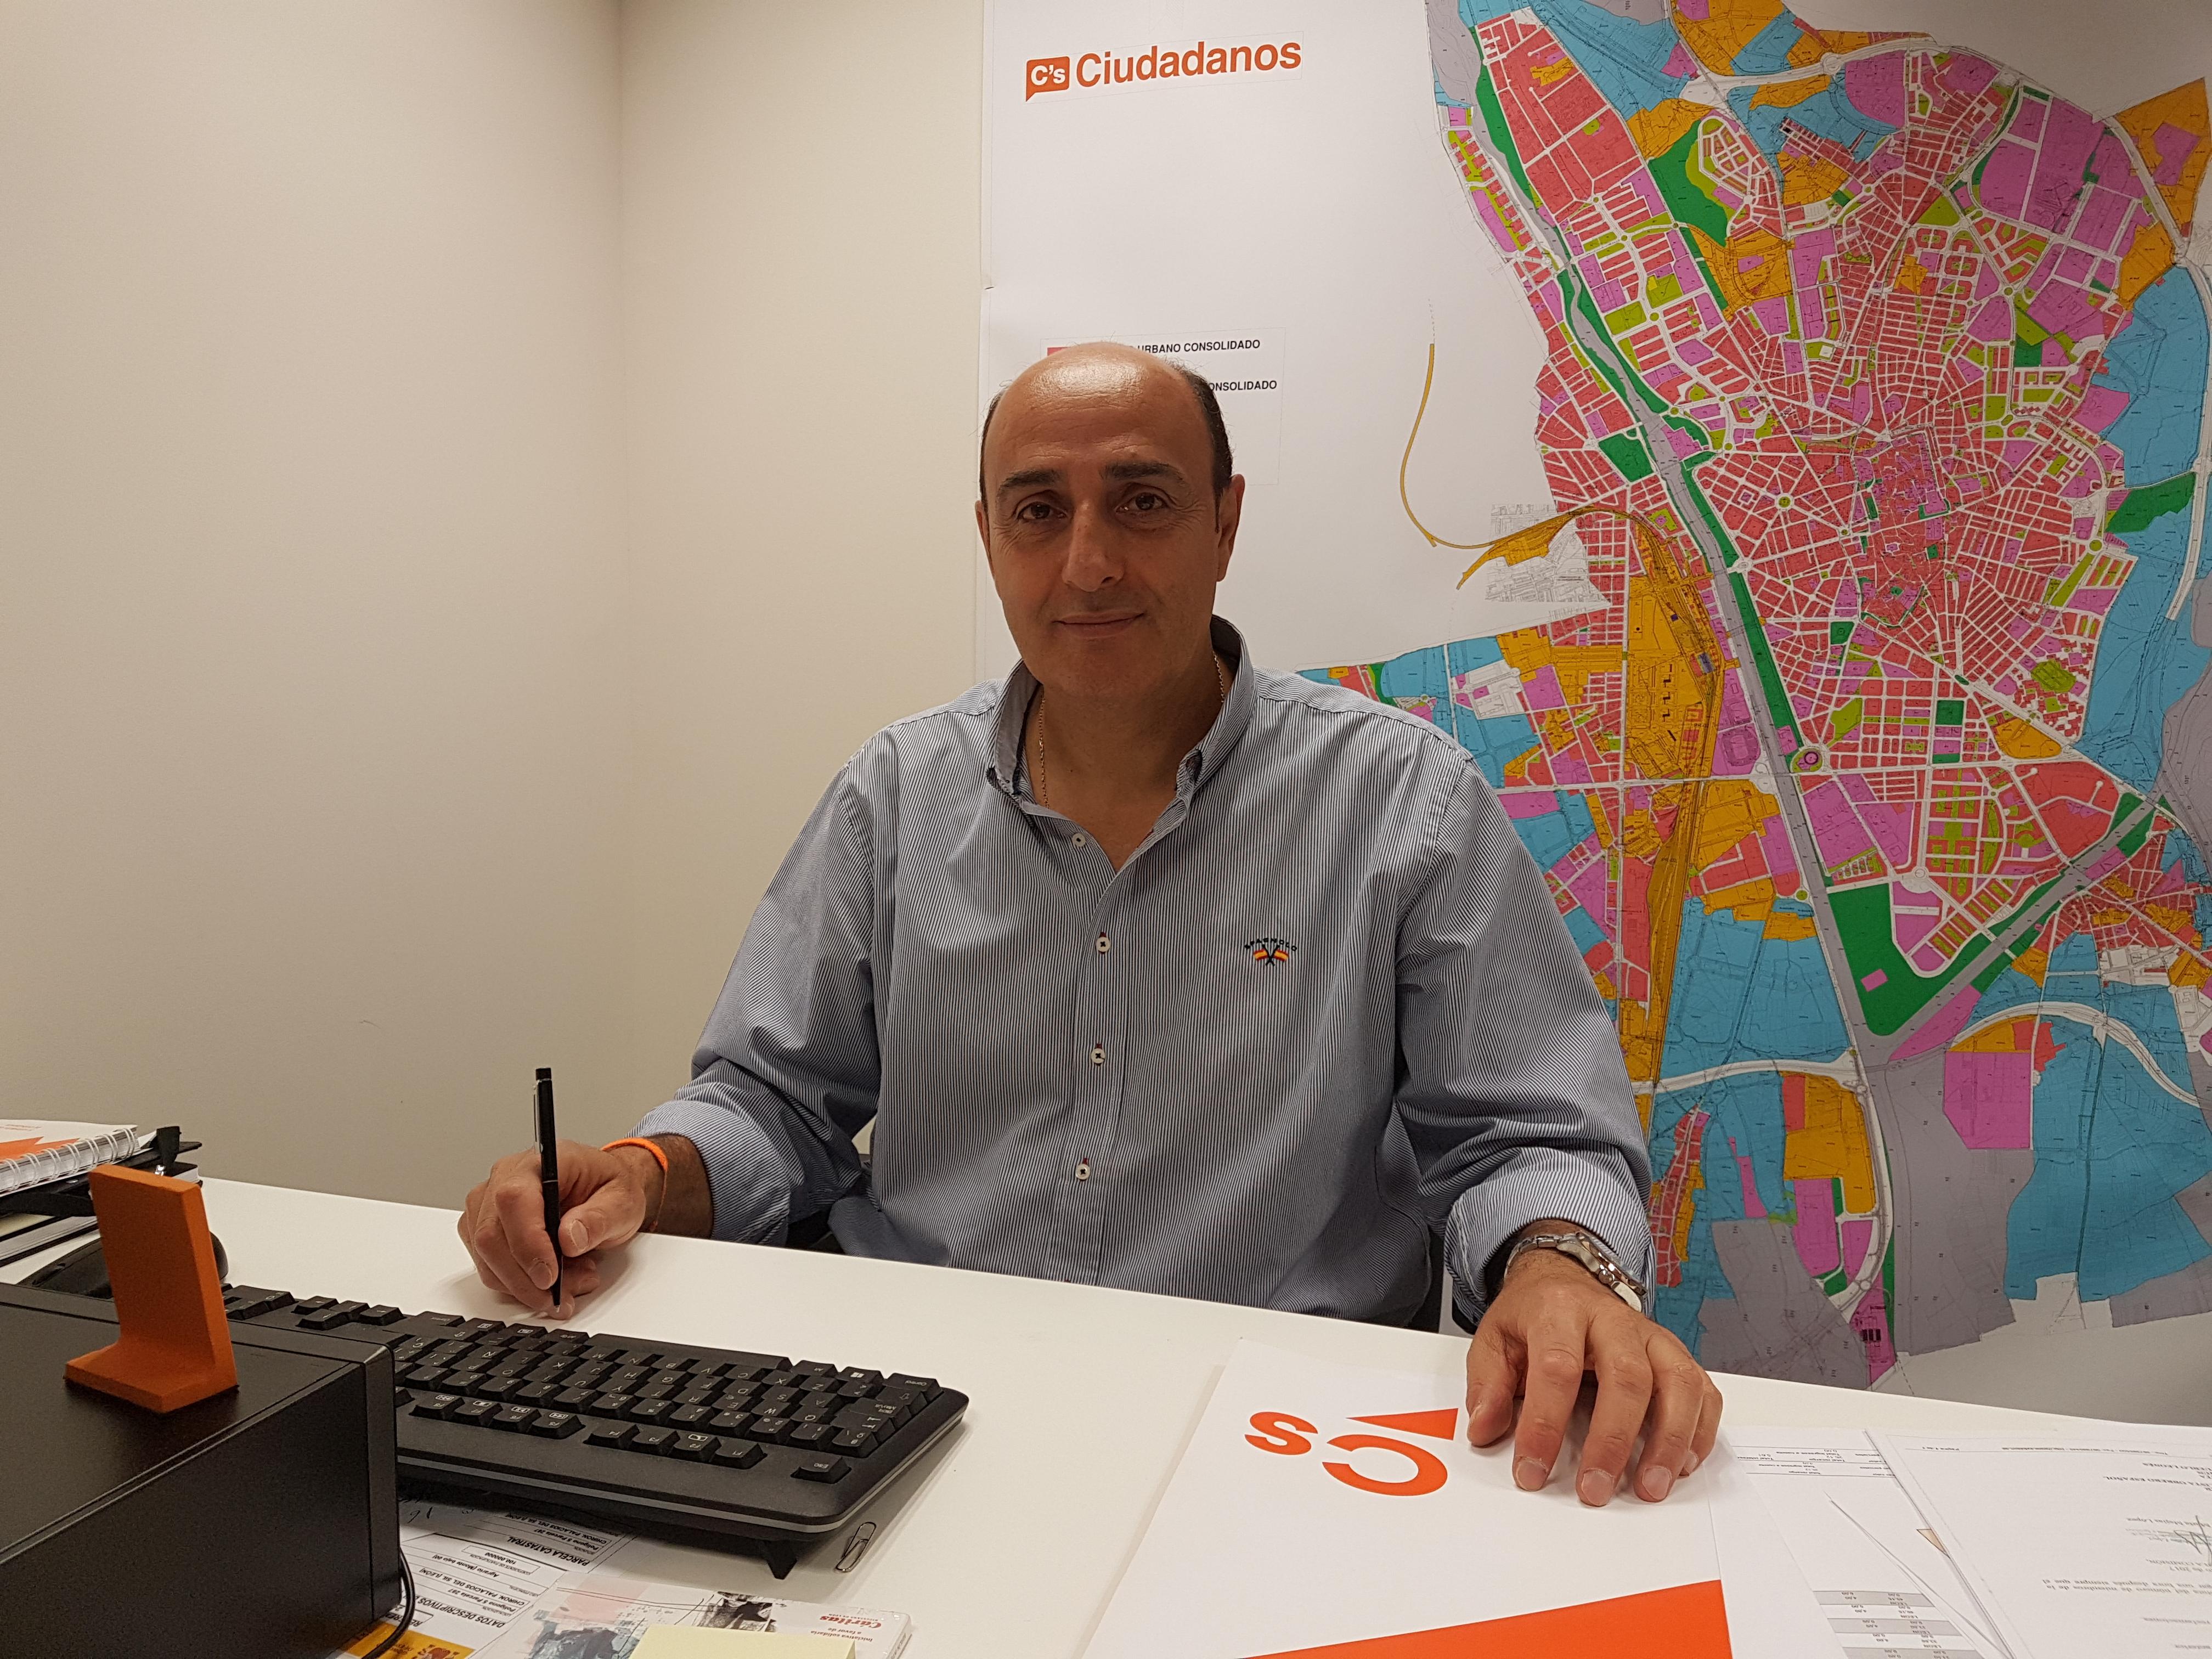 Luis Carlos Fdez Tejerina